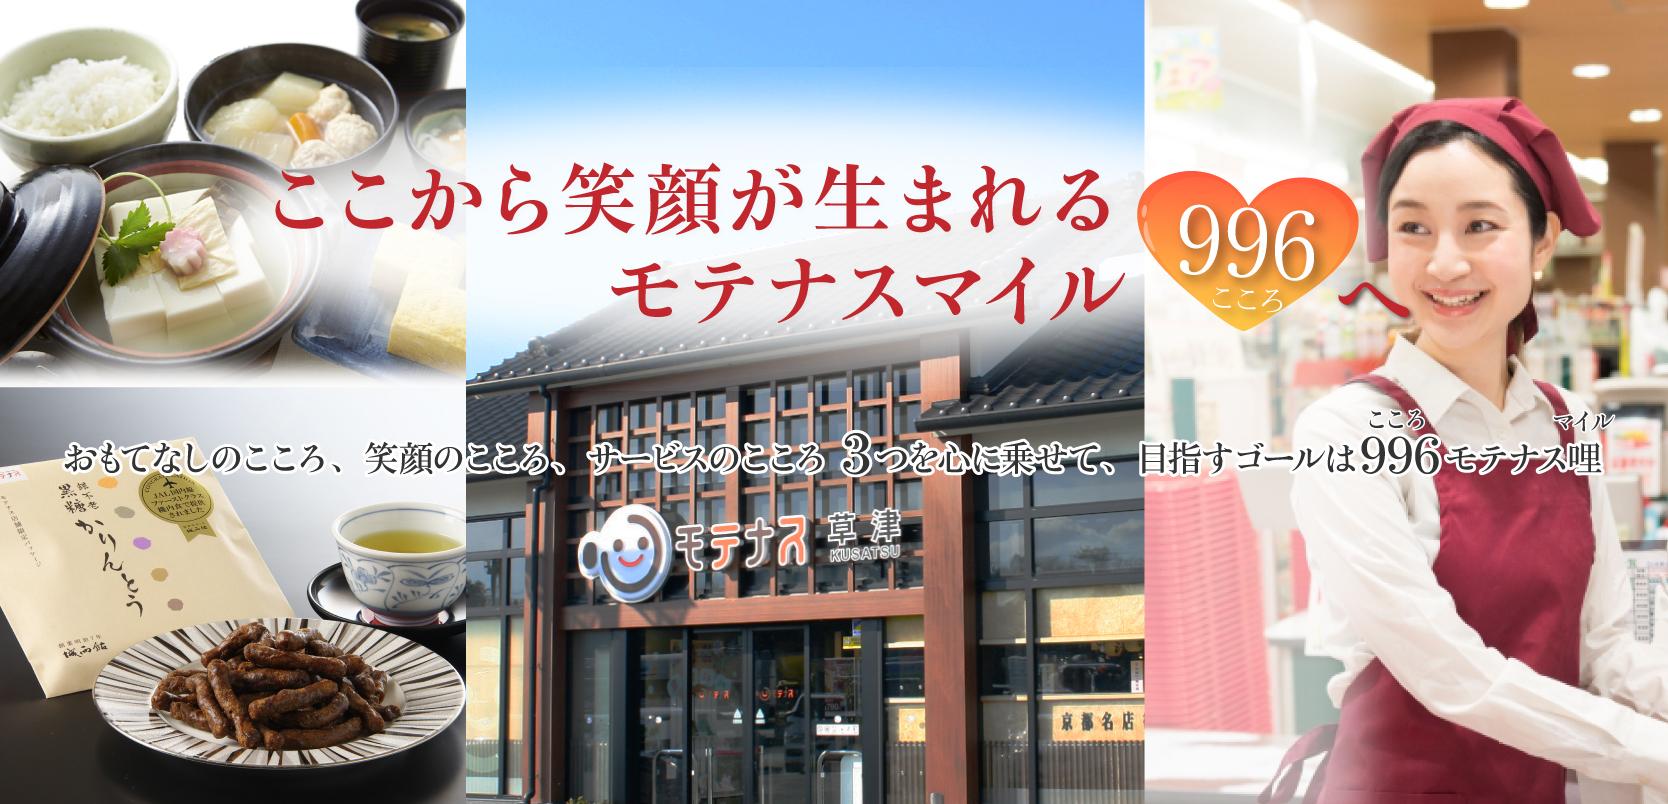 西日本リテール株式会社 ここから笑顔が生まれる モテナスマイル996(こころ)へ おもてなしのこころ、笑顔のこころ、サービスのこころ   3つを心に乗せて、目指すゴールは996モテナス哩